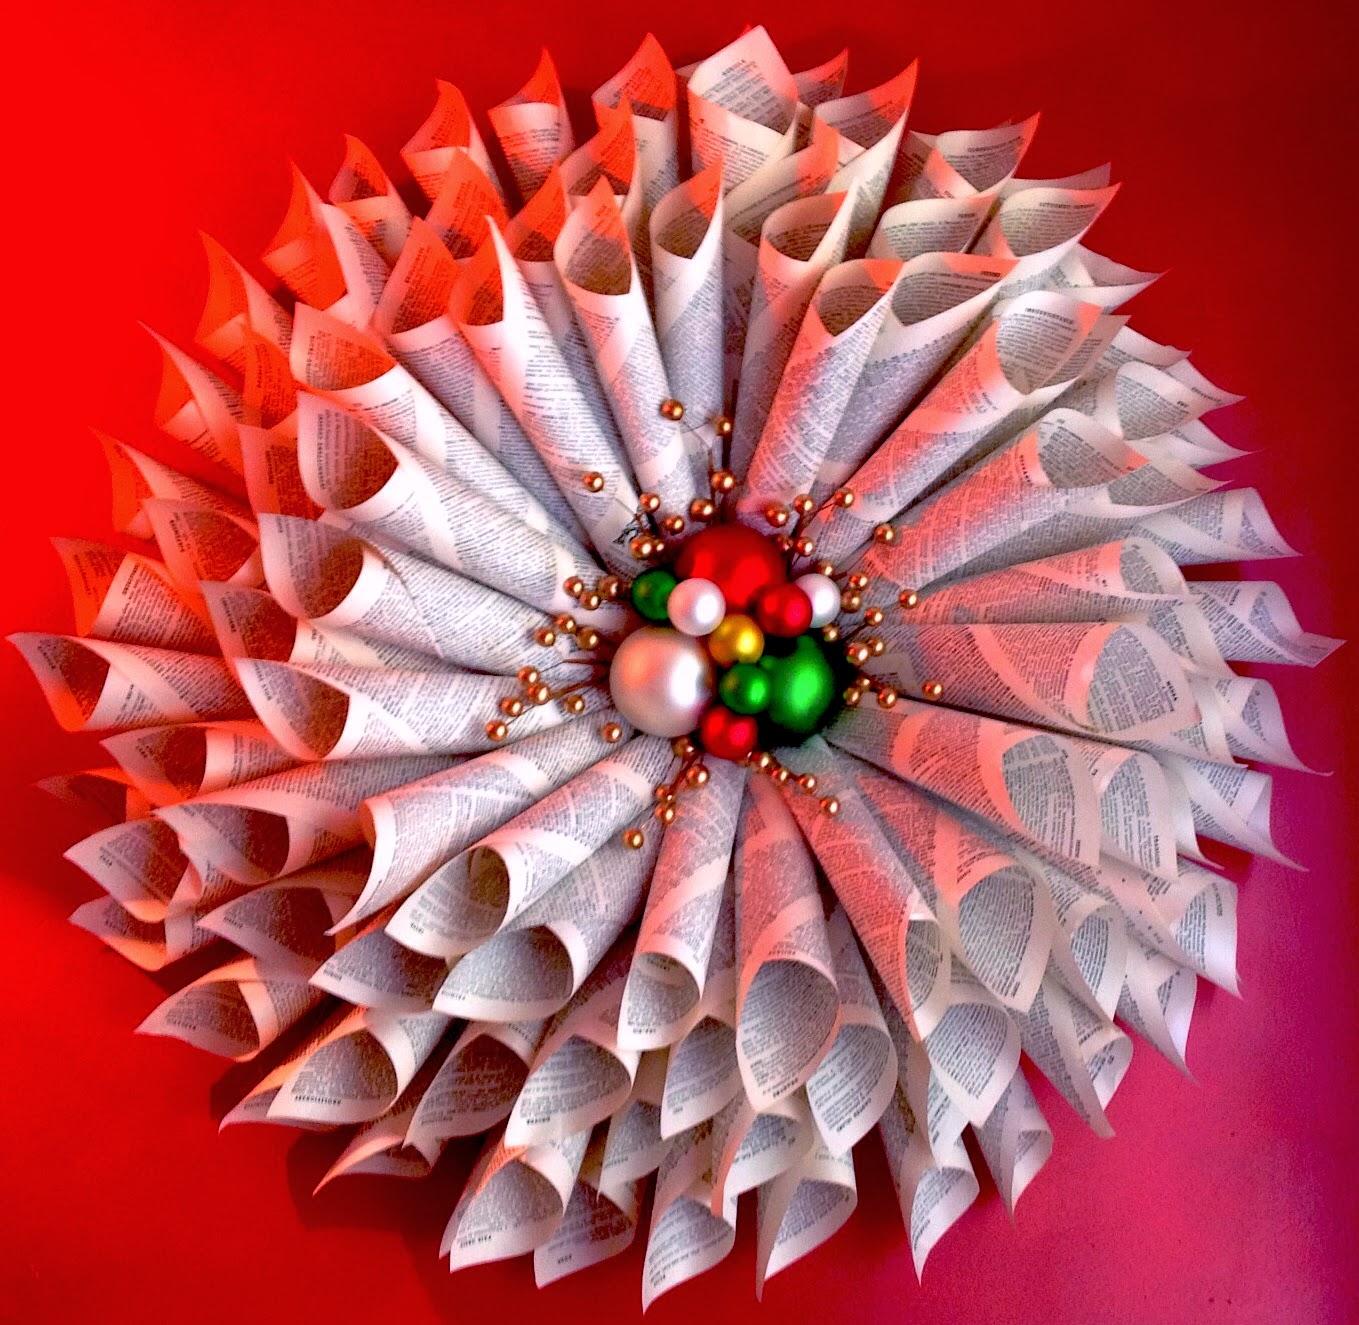 Объемный венок из 4-х уровней уменьшающихся по длине кульков